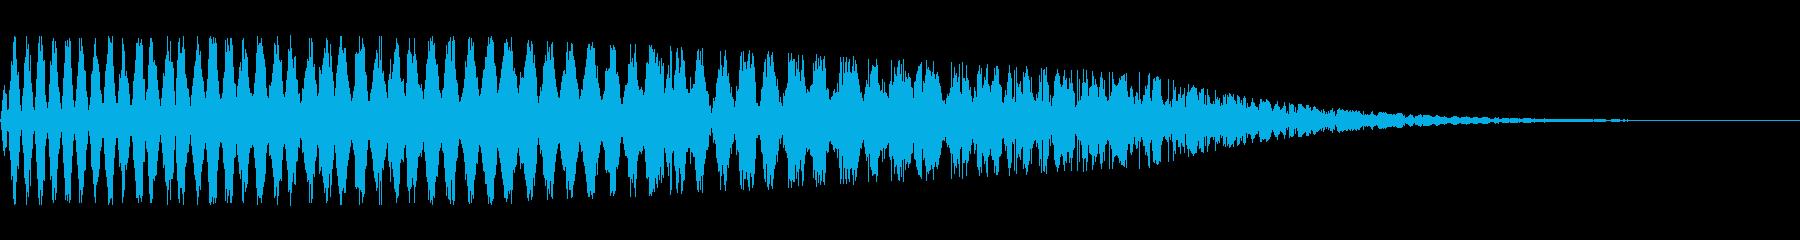 引き裂きスイーパー2の再生済みの波形